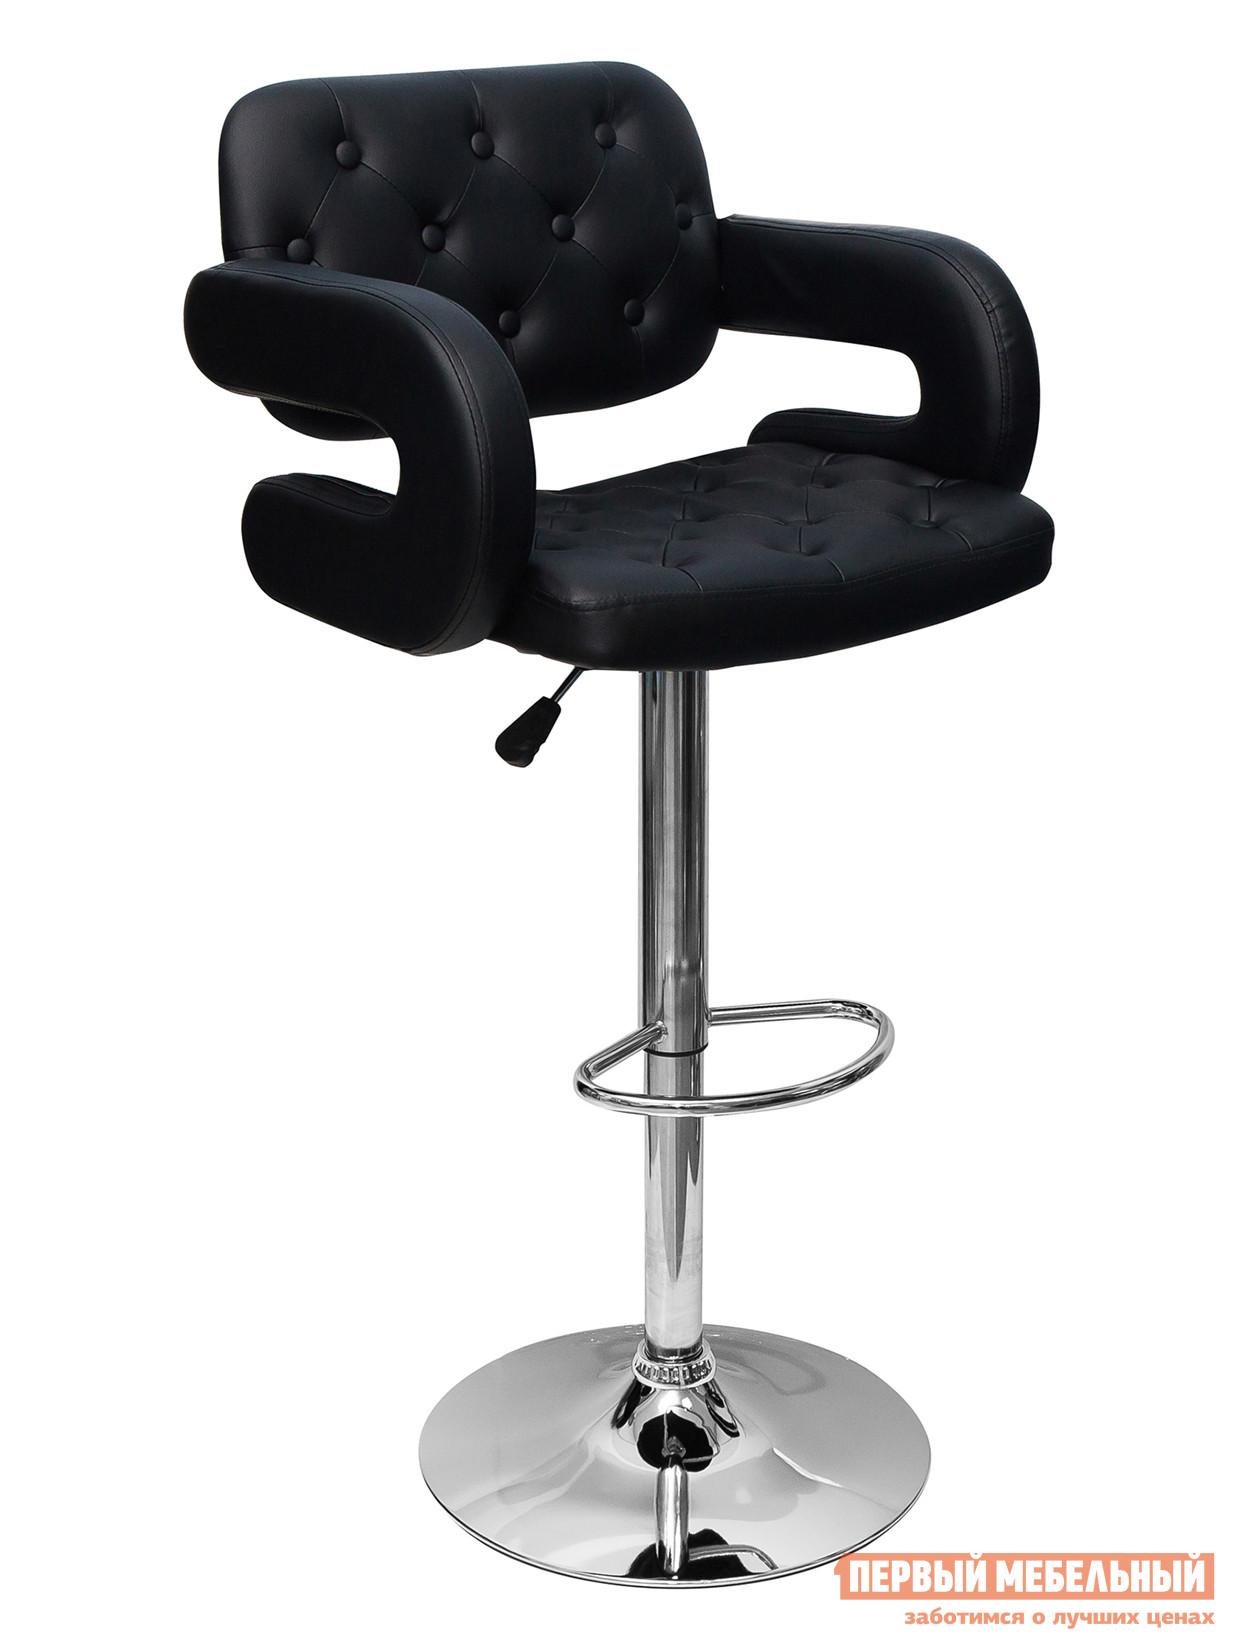 Барный стул STOOL GROUP Стул барный Бентли Черный